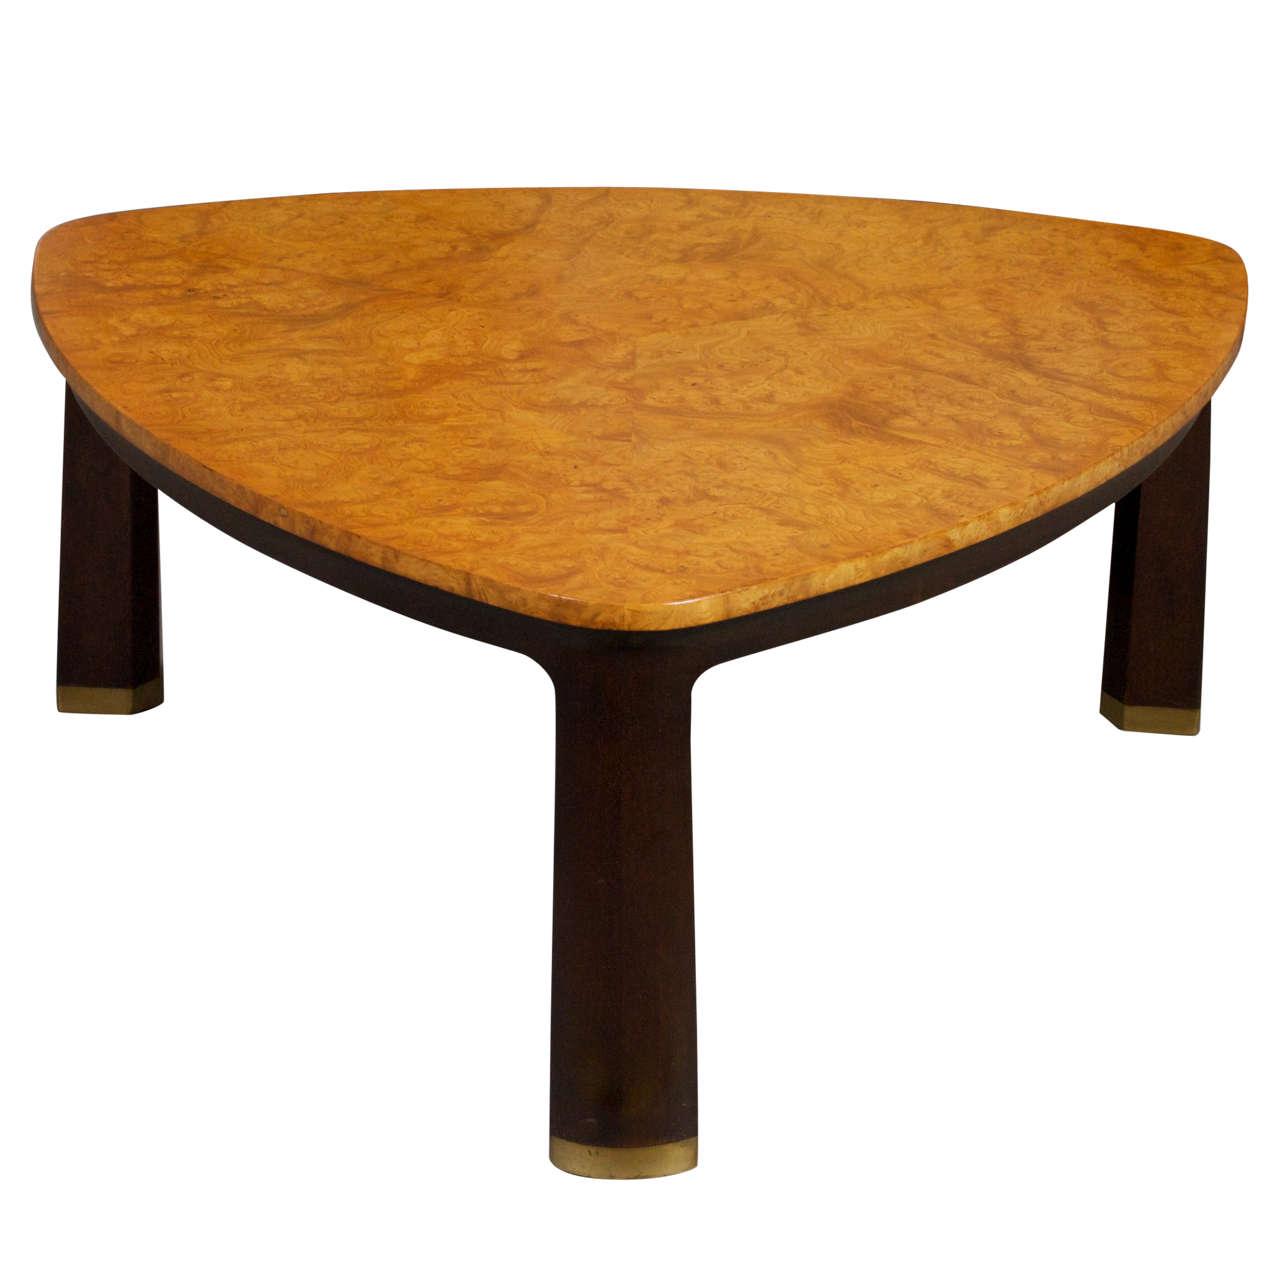 Triangular Burl Coffee Table By Edward Wormley For Dunbar